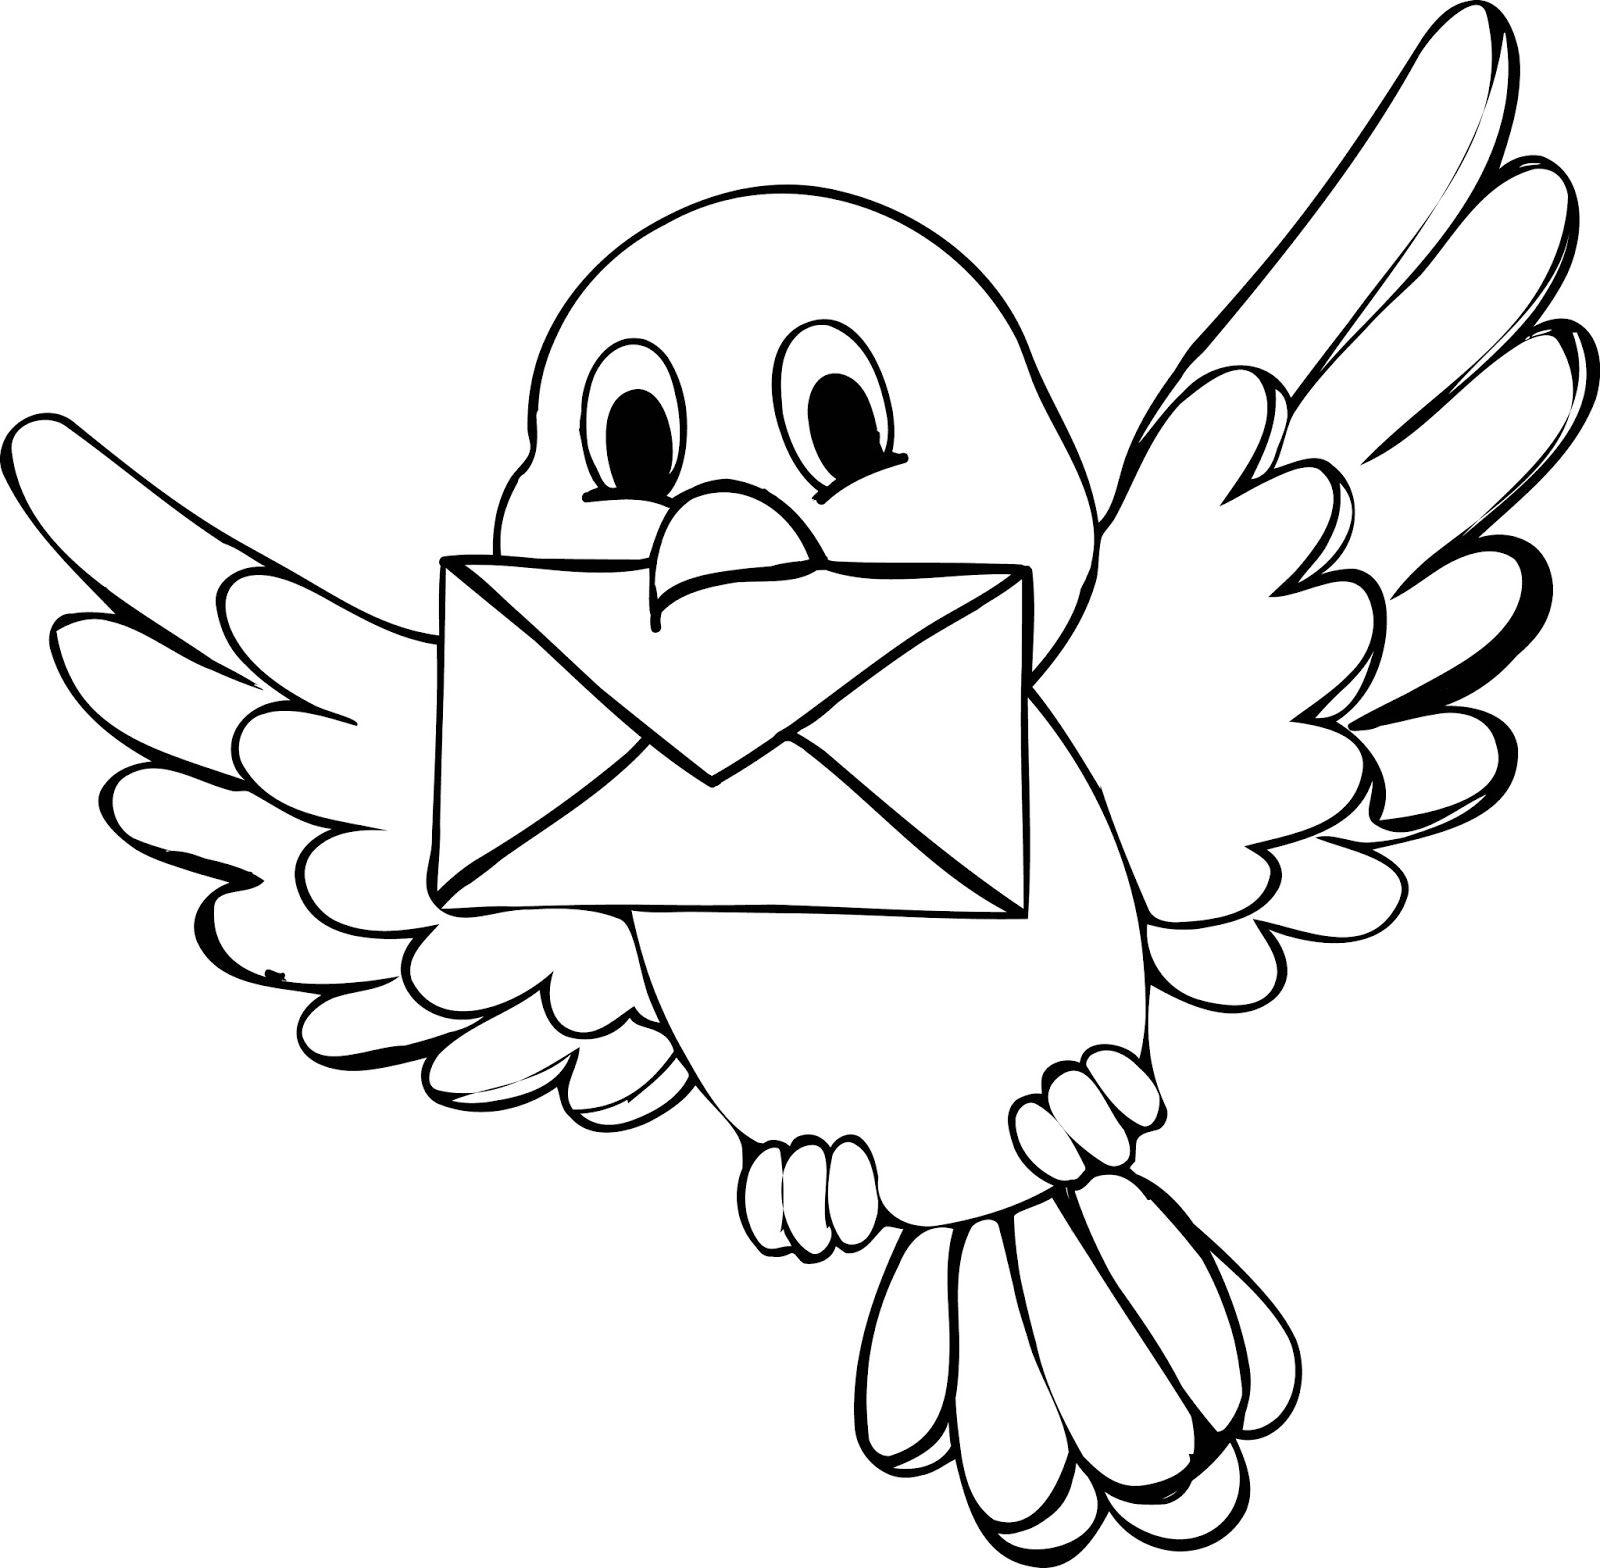 Passeriformes é uma ordem da classe Aves, conhecidos popularmente ...